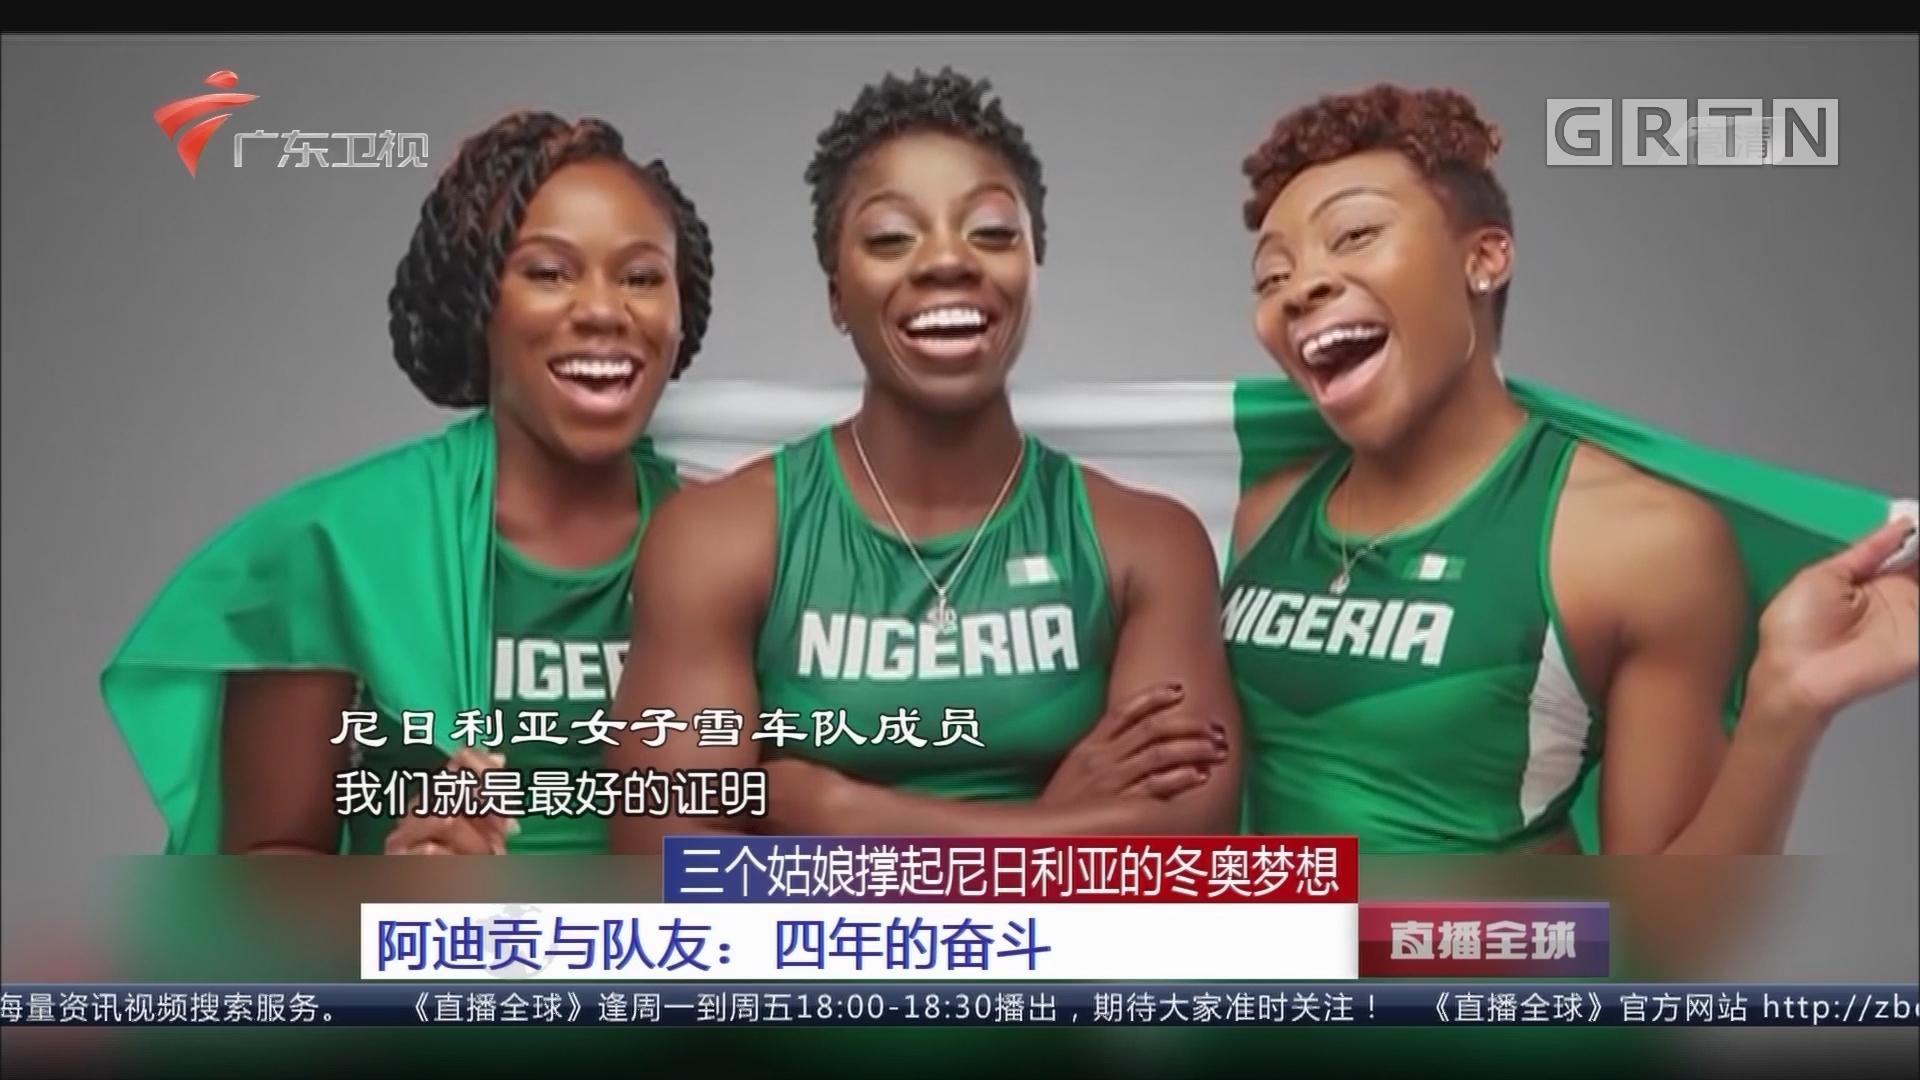 三个姑娘撑起尼日利亚的冬奥梦想 阿迪贡与队友:四年的奋斗